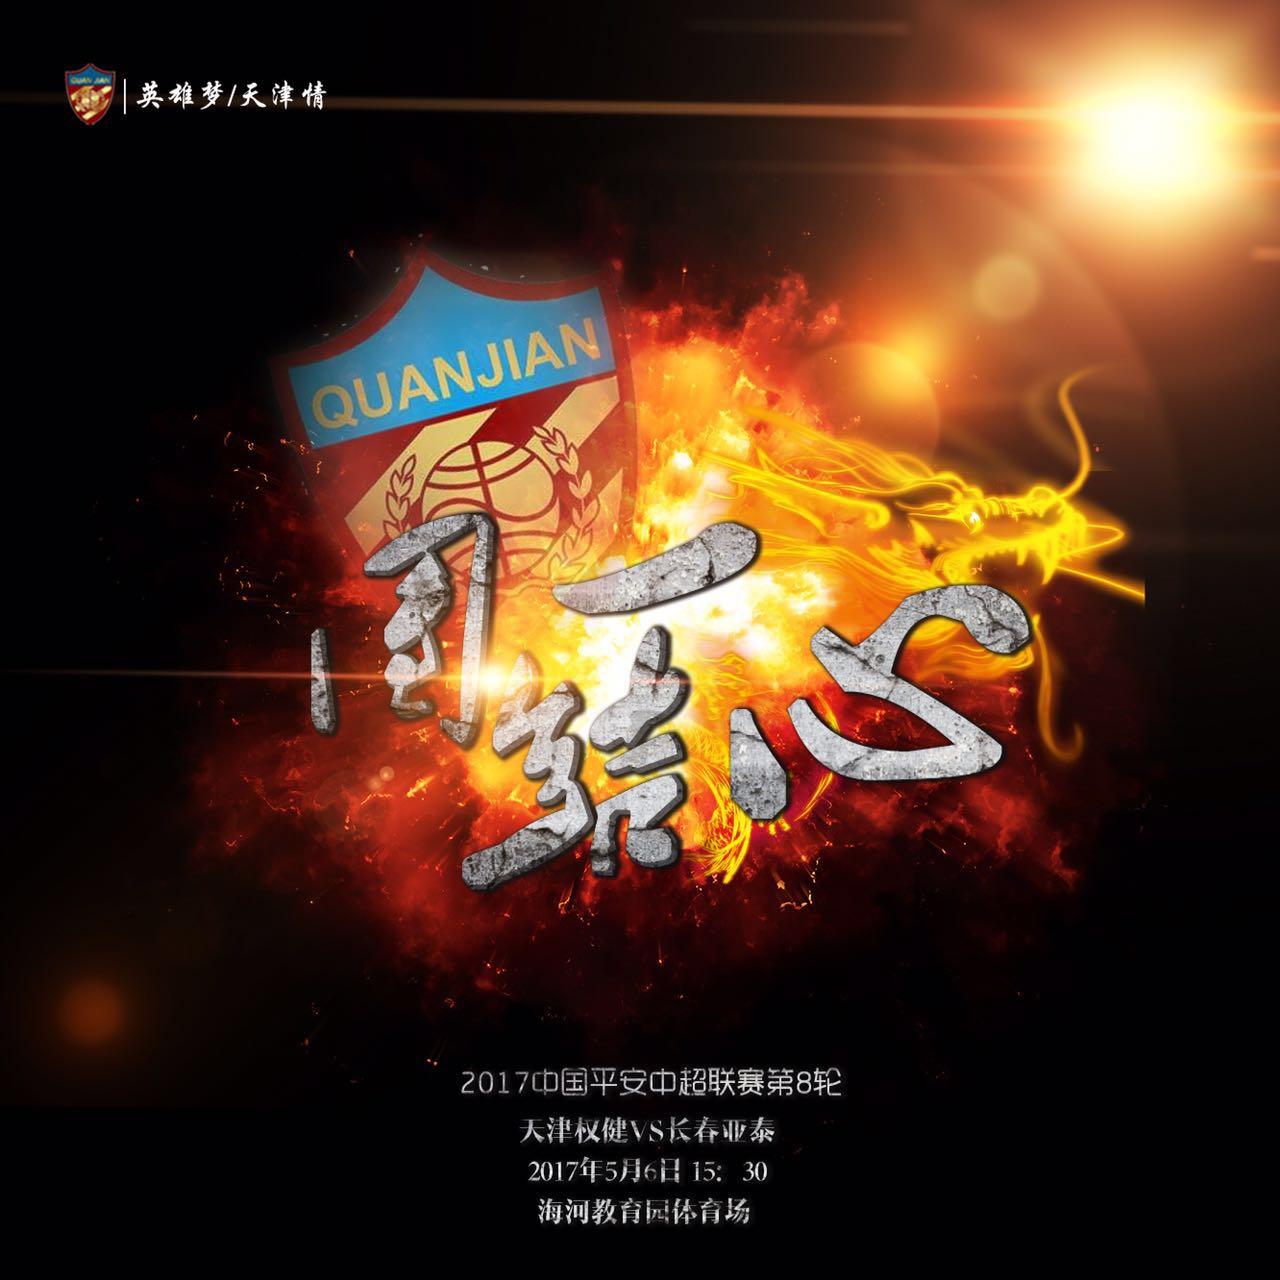 天津权健足球海报